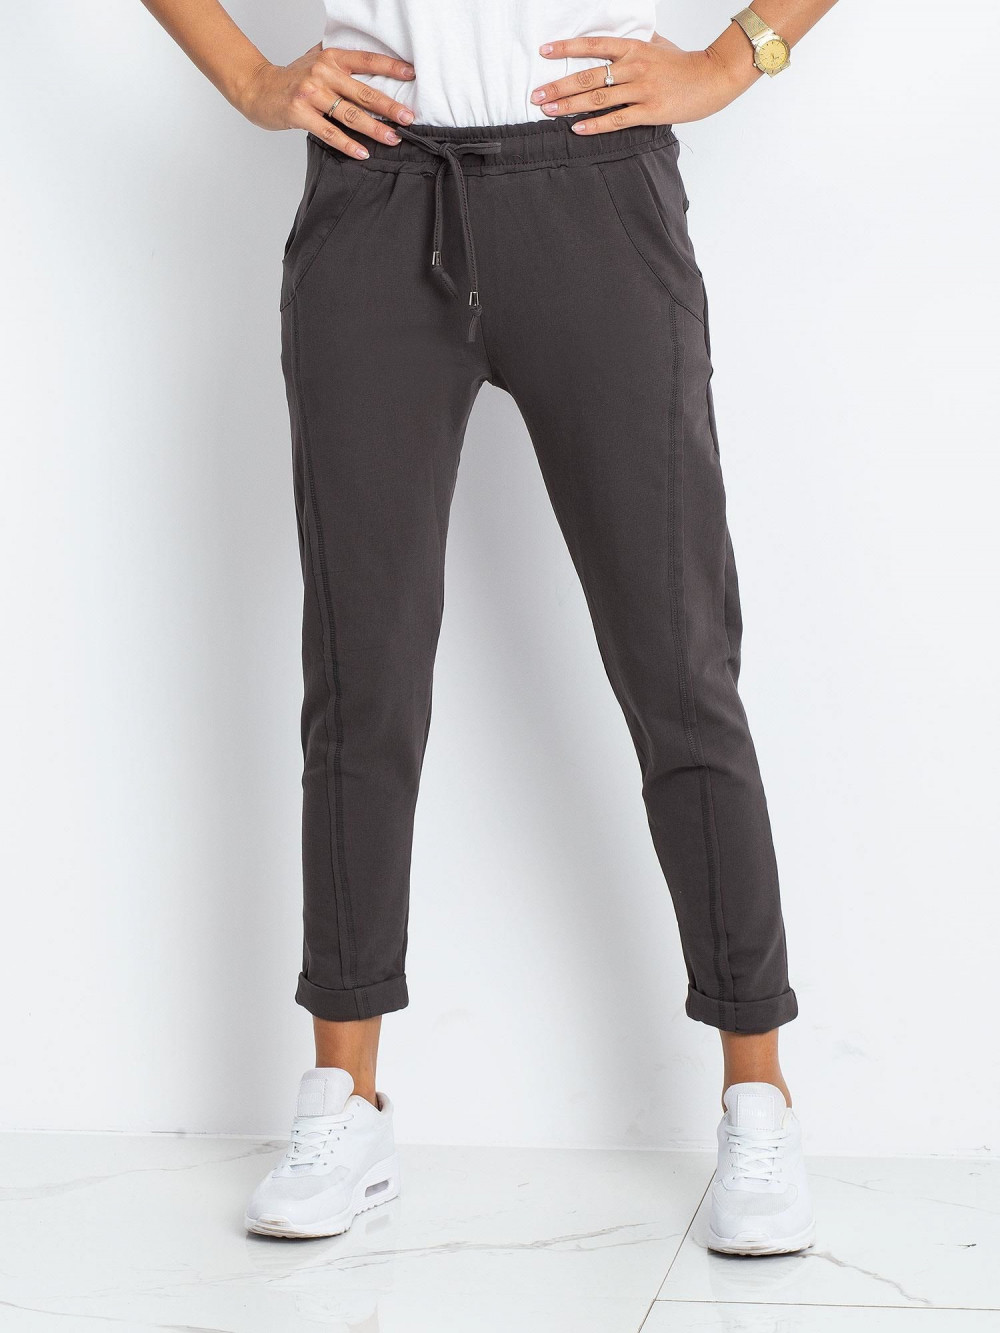 Khaki spodnie dresowe z kieszeniami Viole 3